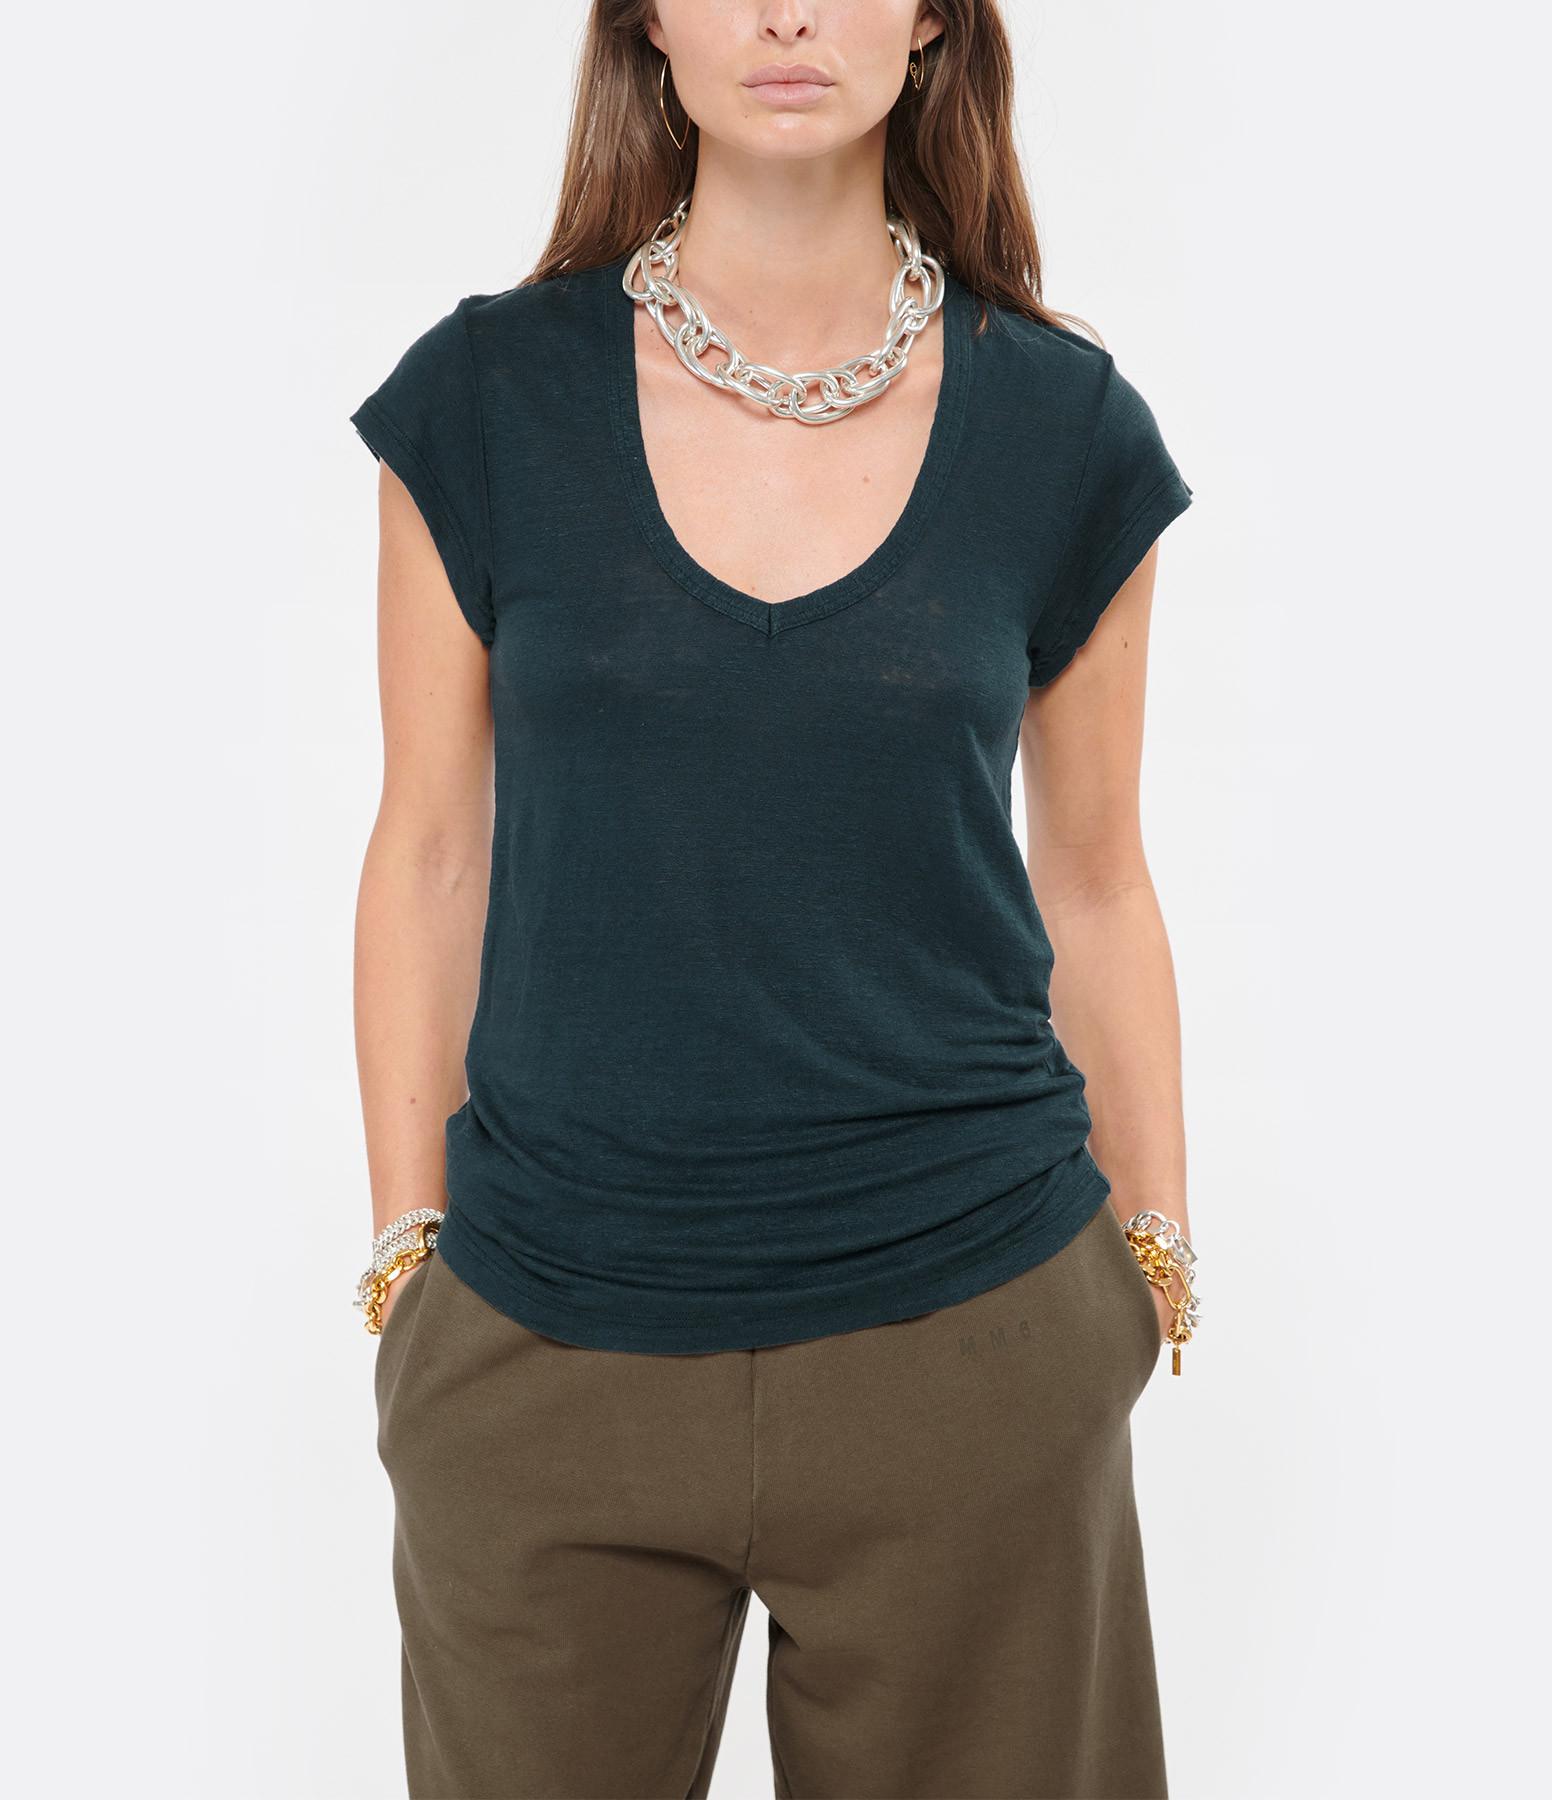 ISABEL MARANT ÉTOILE - Tee-shirt Zankou Lin Vert Foncé